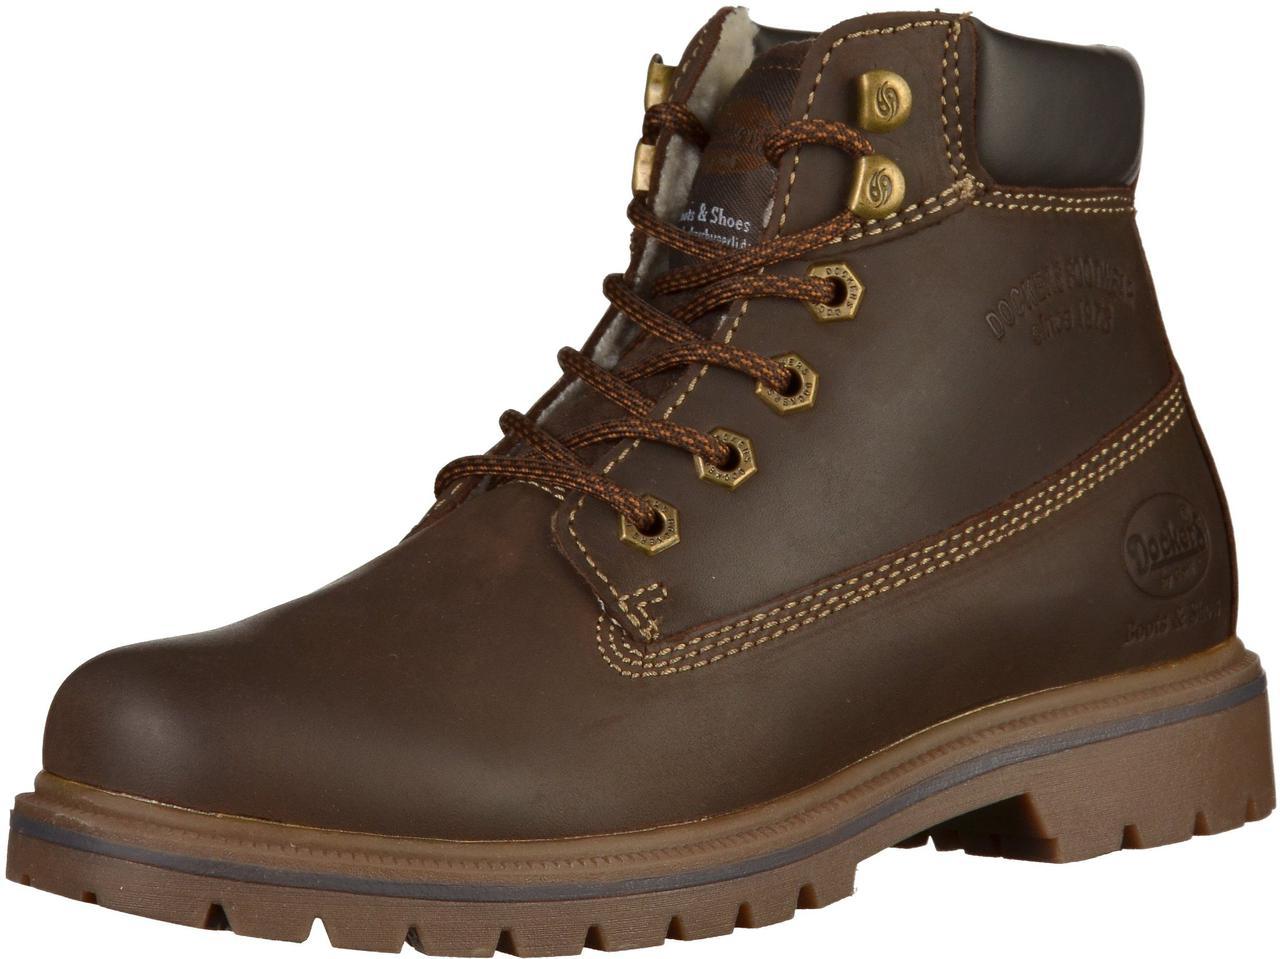 ba628de00 Мужские зимние ботинки из натуральной кожи с натуральным мехом овчины -  Dockers (США).